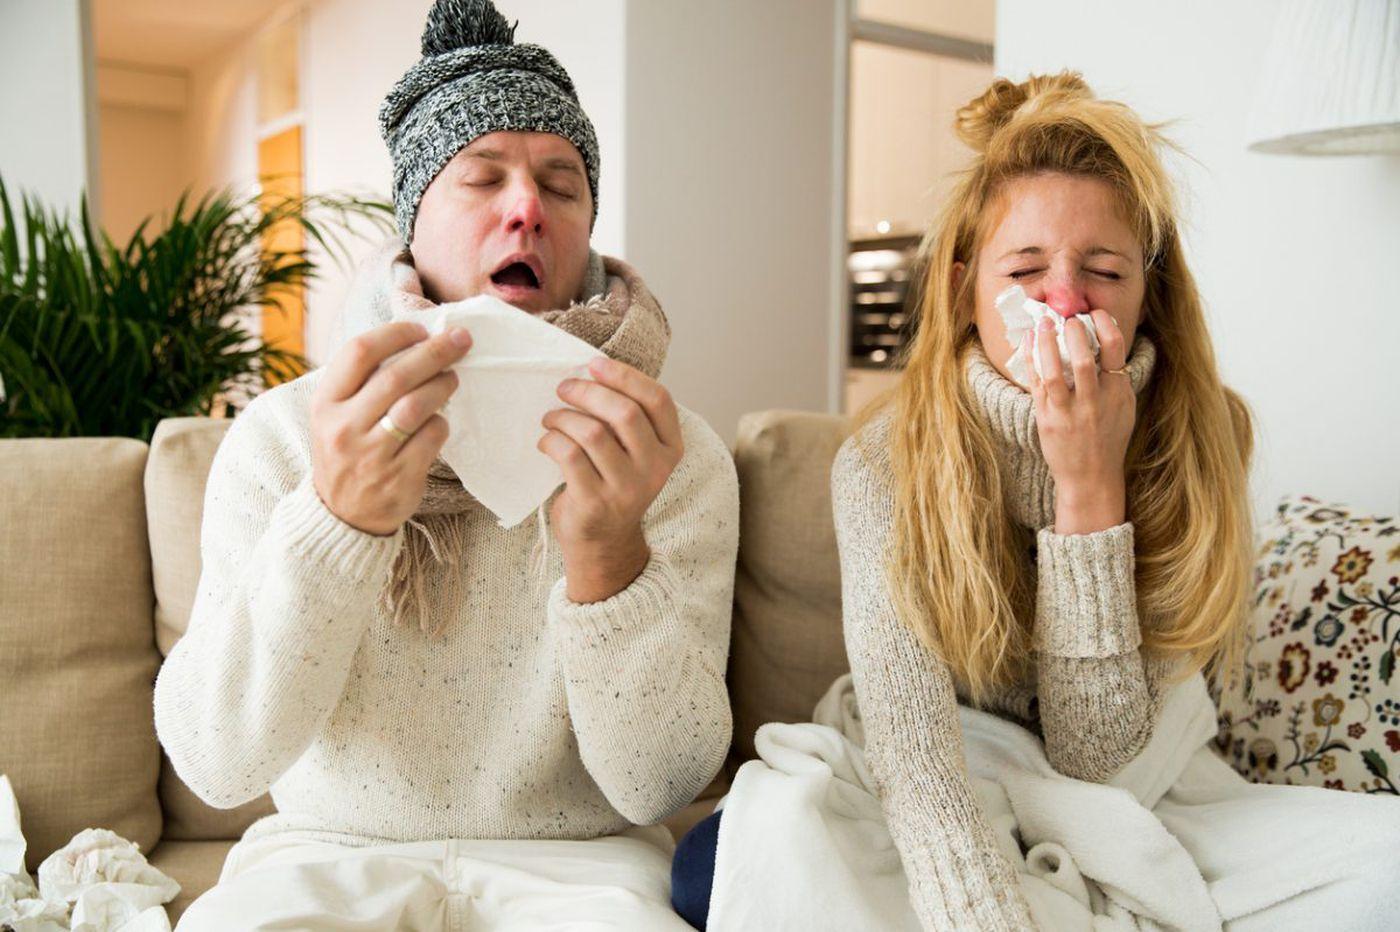 Flu has killed 7 in Pa. and N.J., but it's not the only virus making us sick